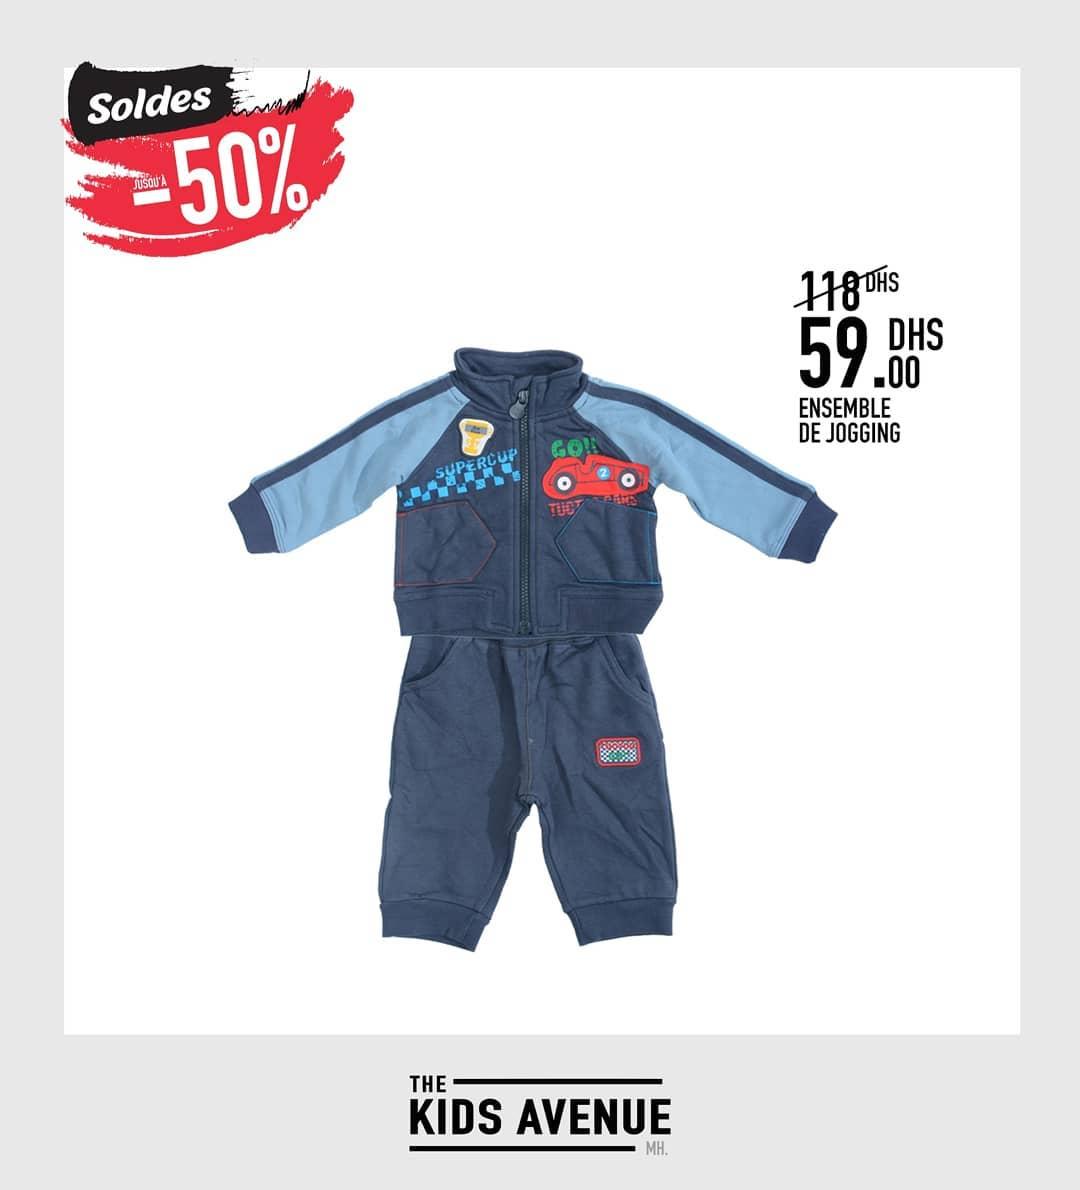 Soldes -50% chez Kids Avenue Ensemble de jogging bébé 59Dhs au lieu de 118Dhs